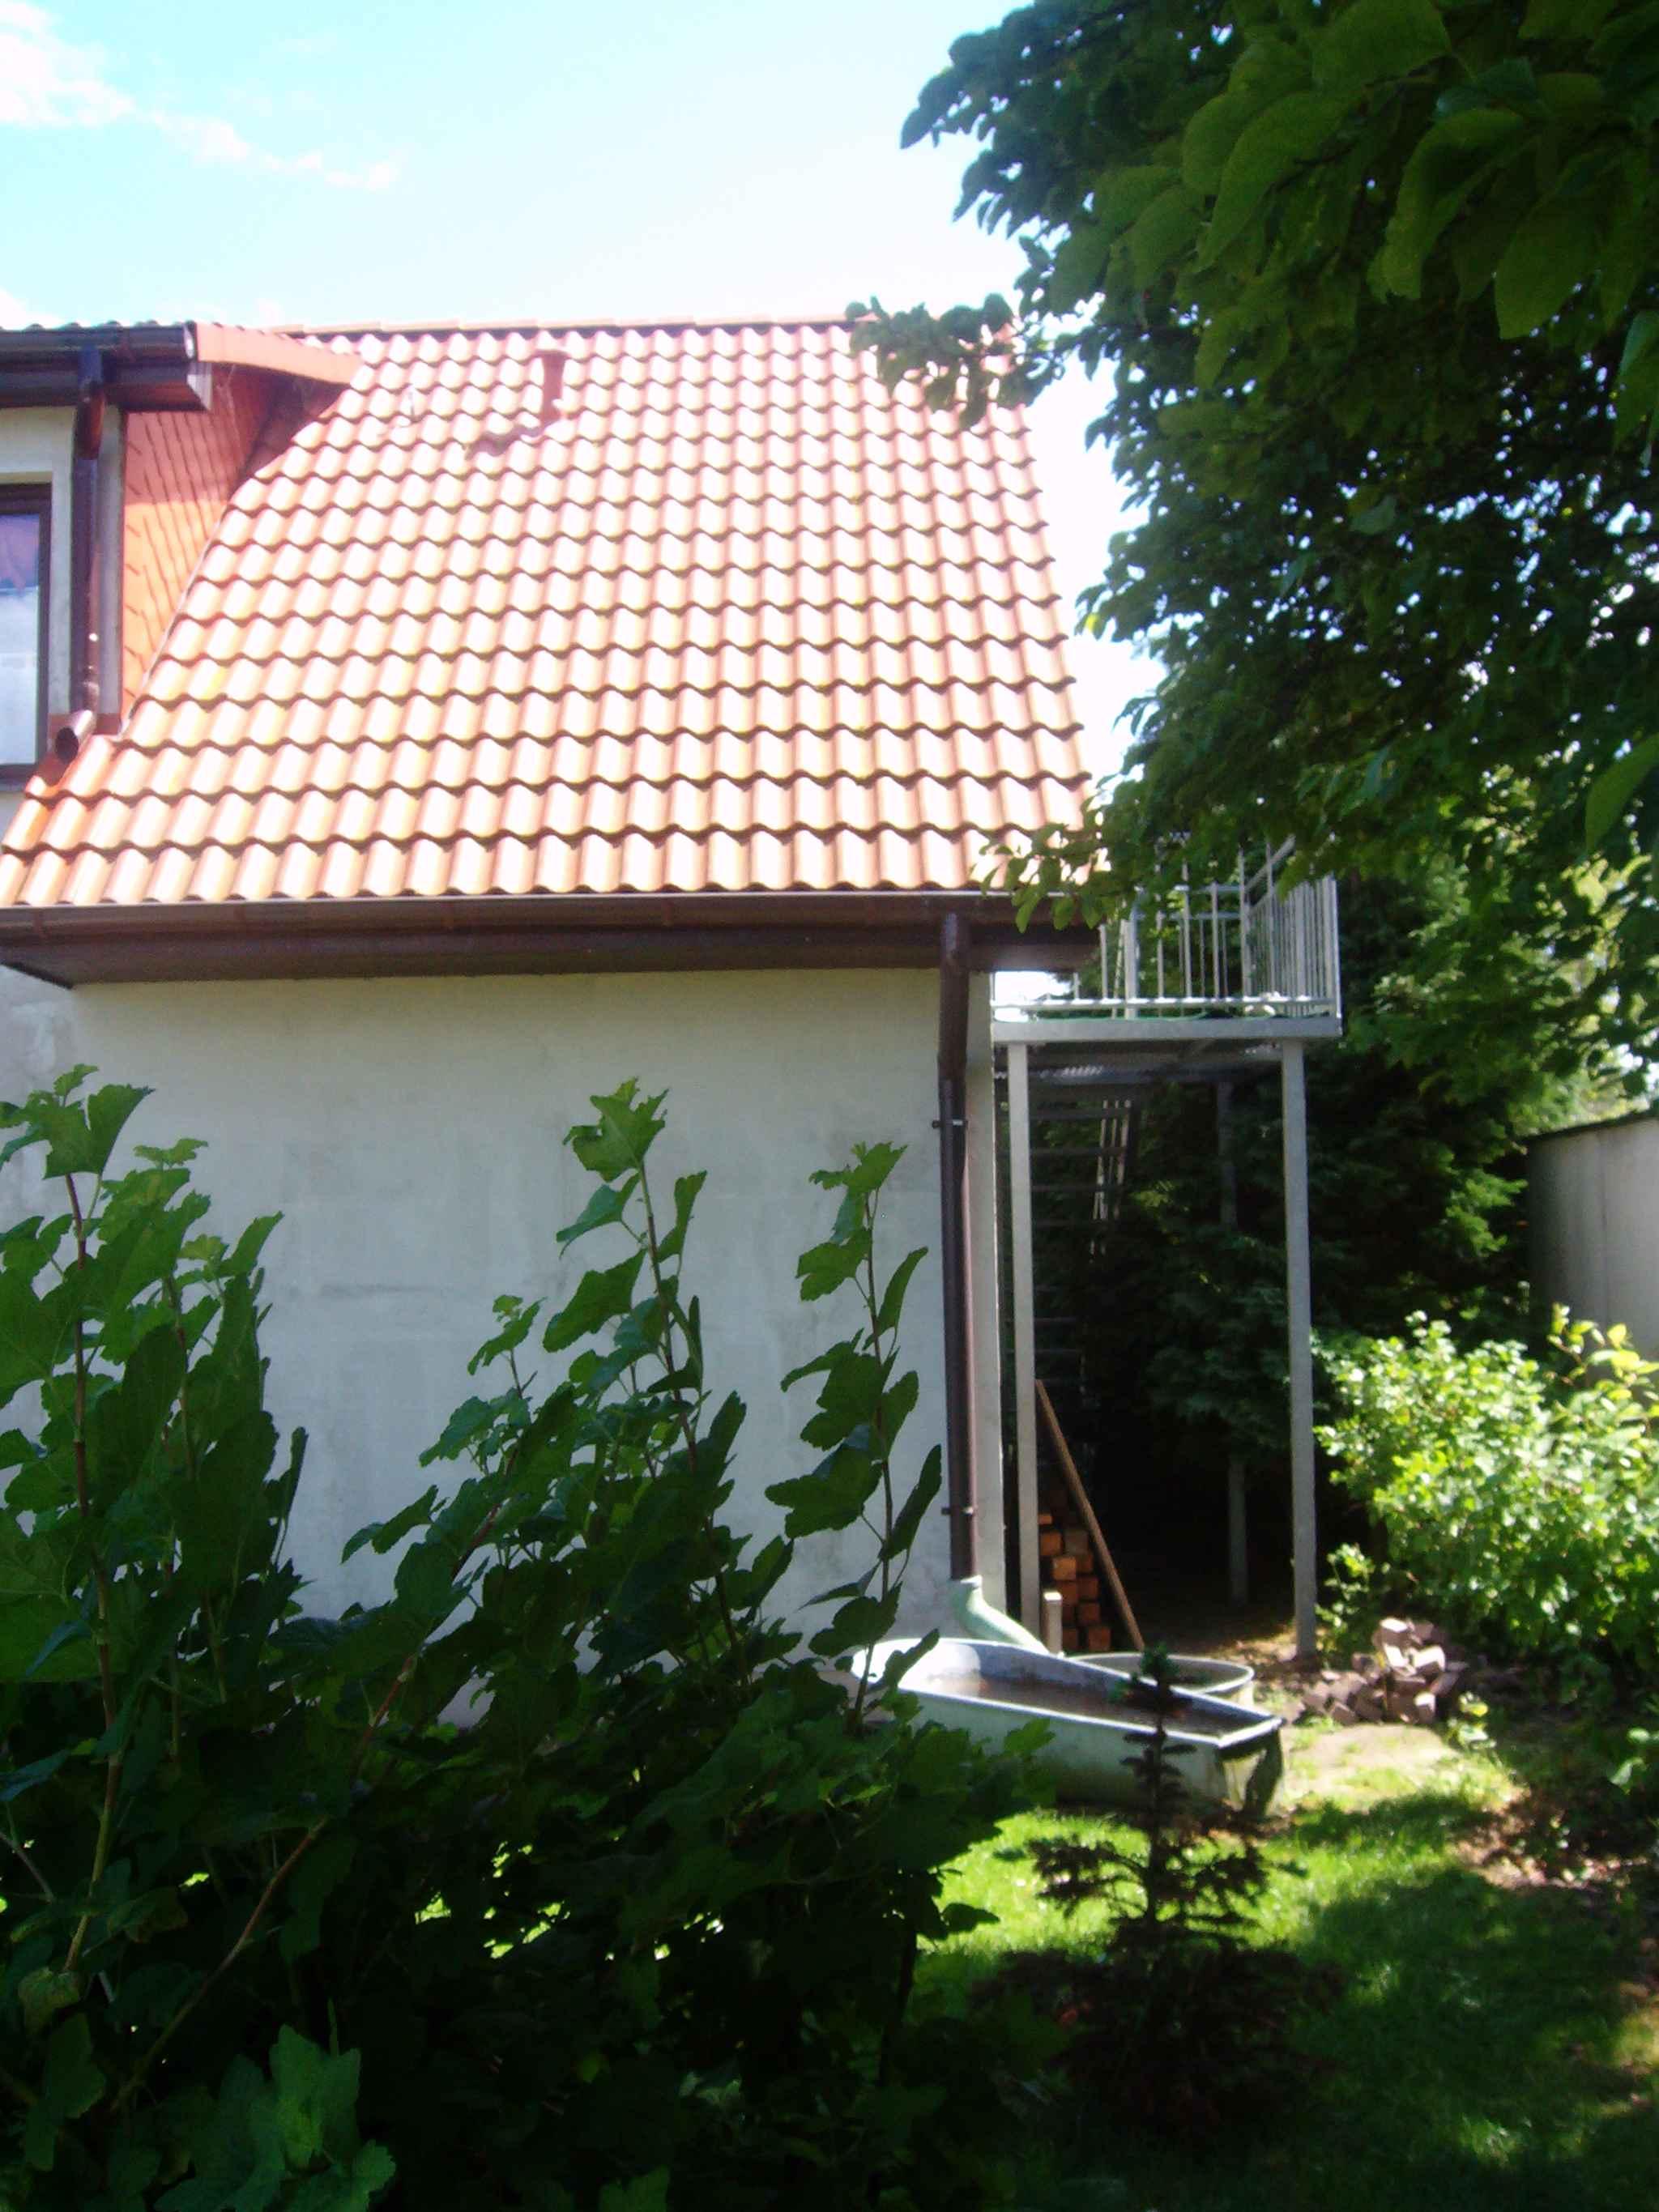 Ferienwohnung mit großem Garten und Lagerfeuerplatz (314518), Altenkirchen, Rügen, Mecklenburg-Vorpommern, Deutschland, Bild 2